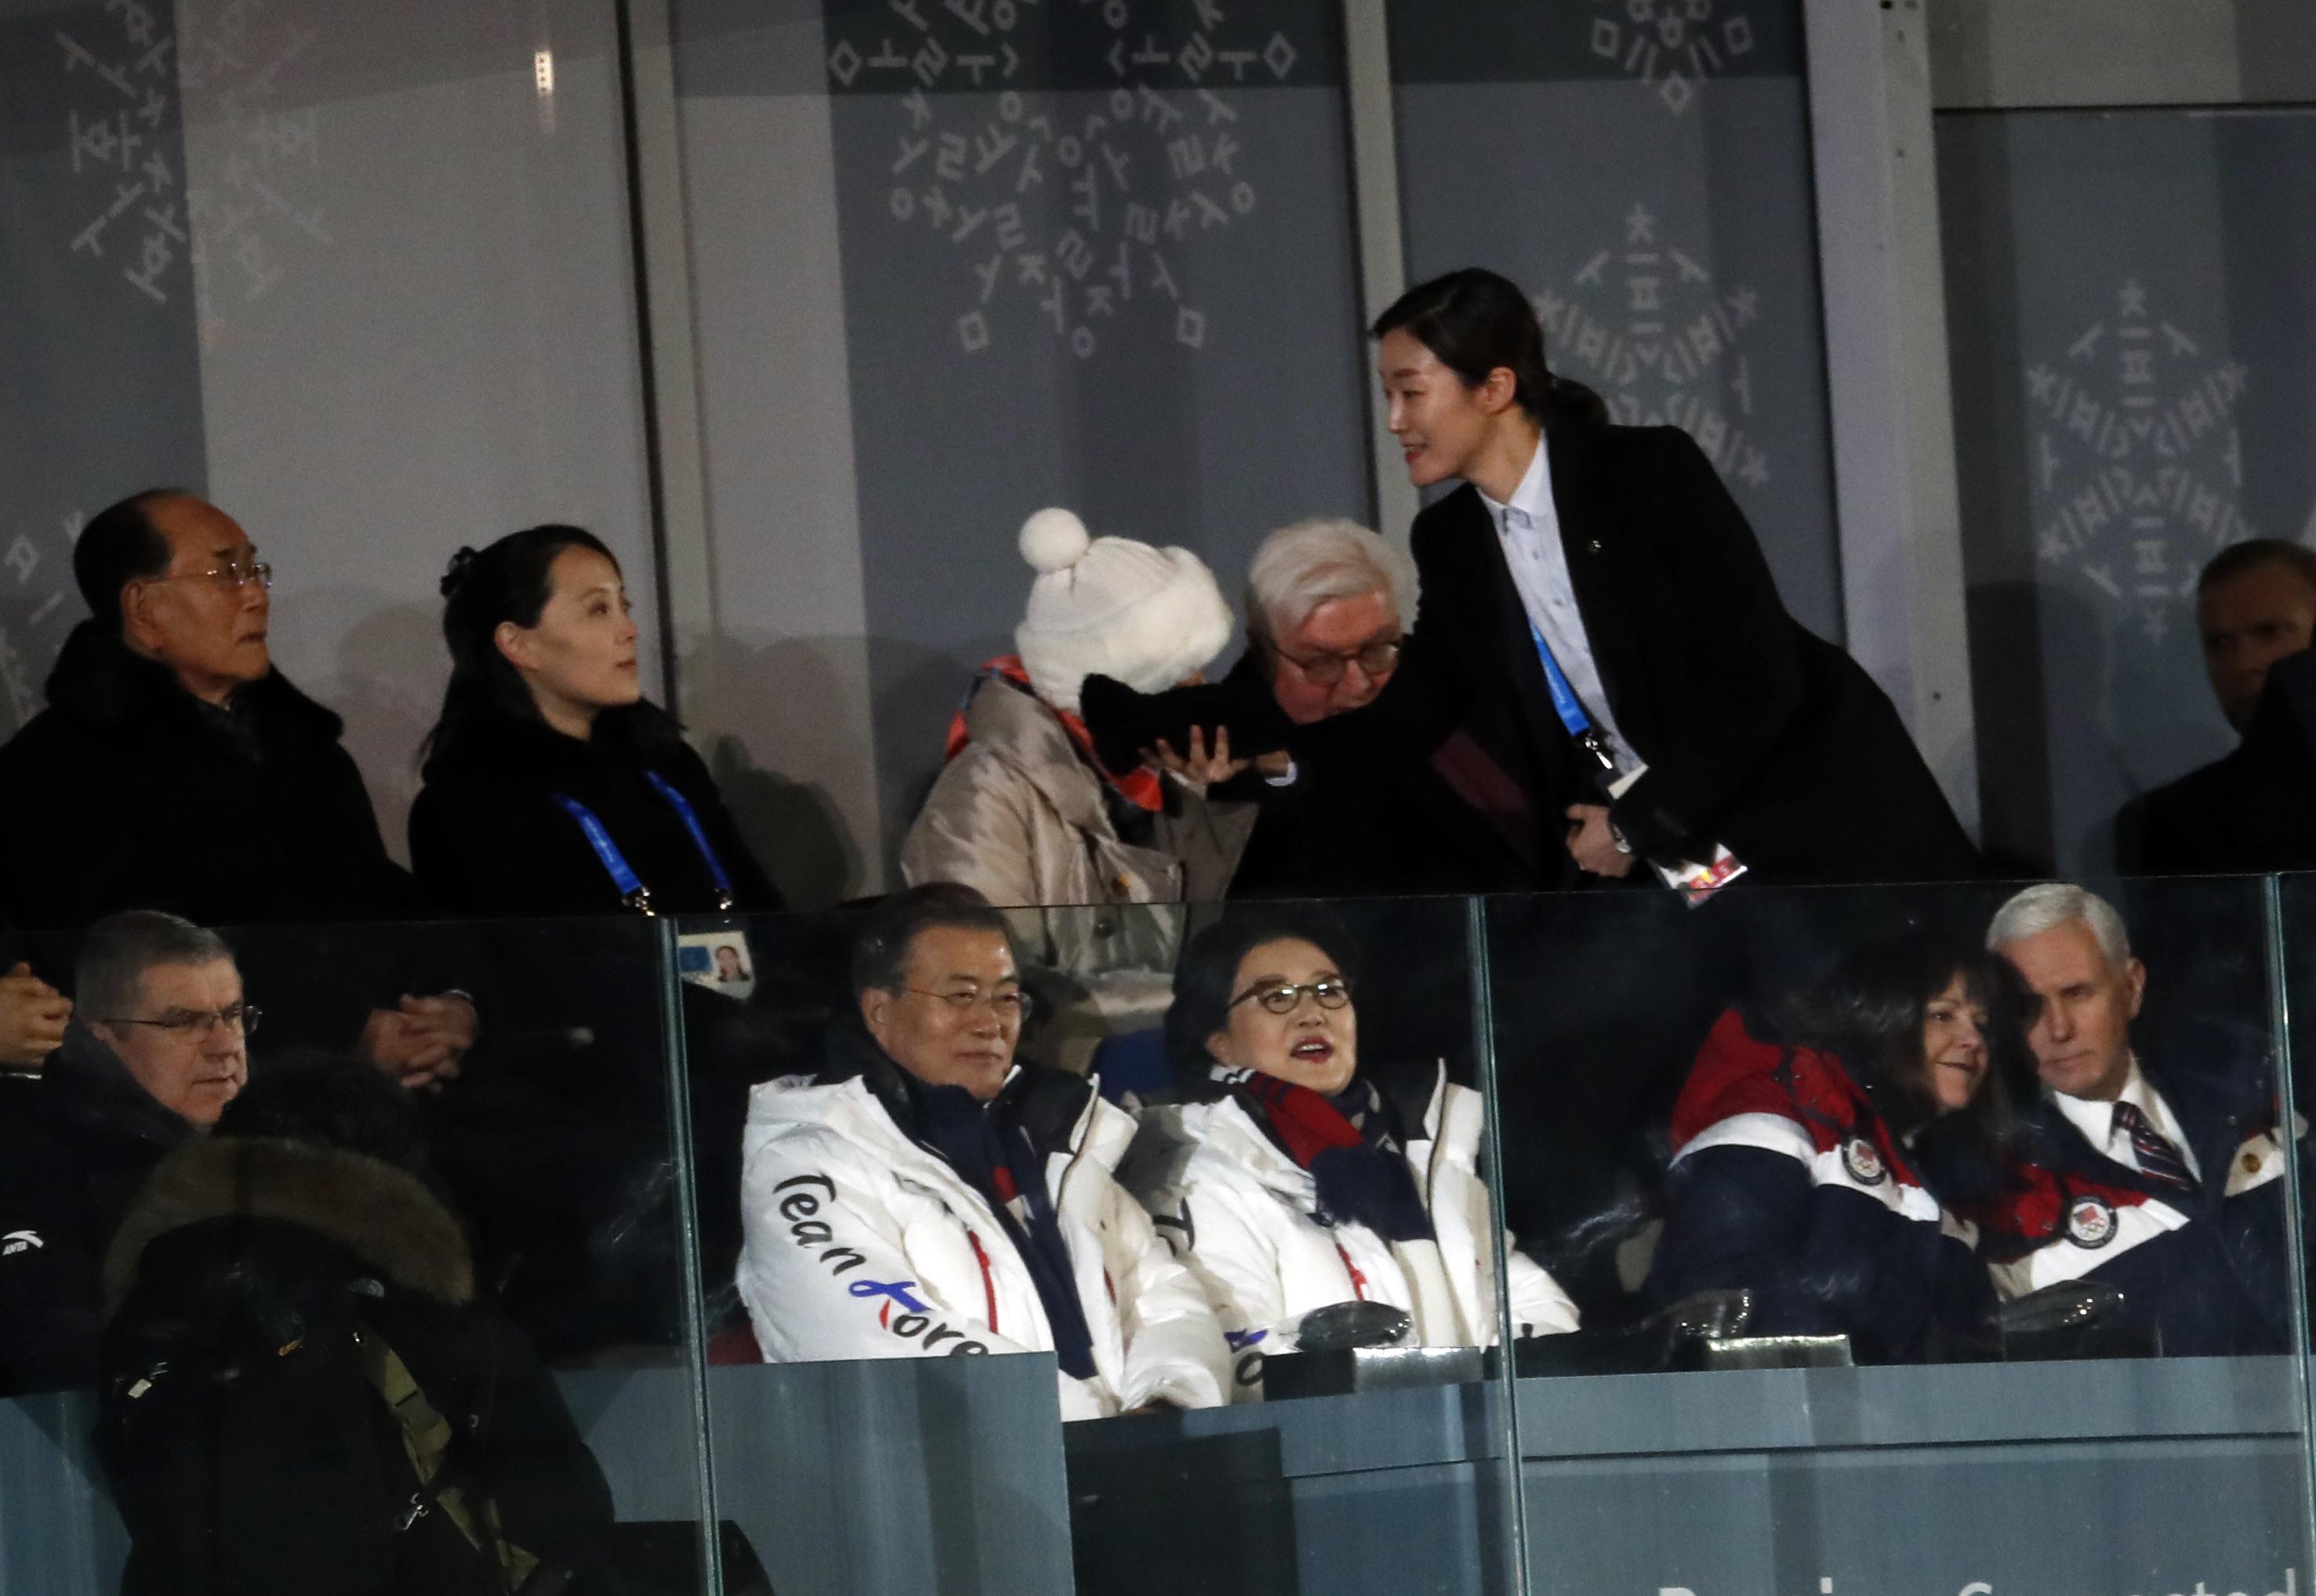 حضور شقيقة زعيم كوريا الشمالية الأولمبياد